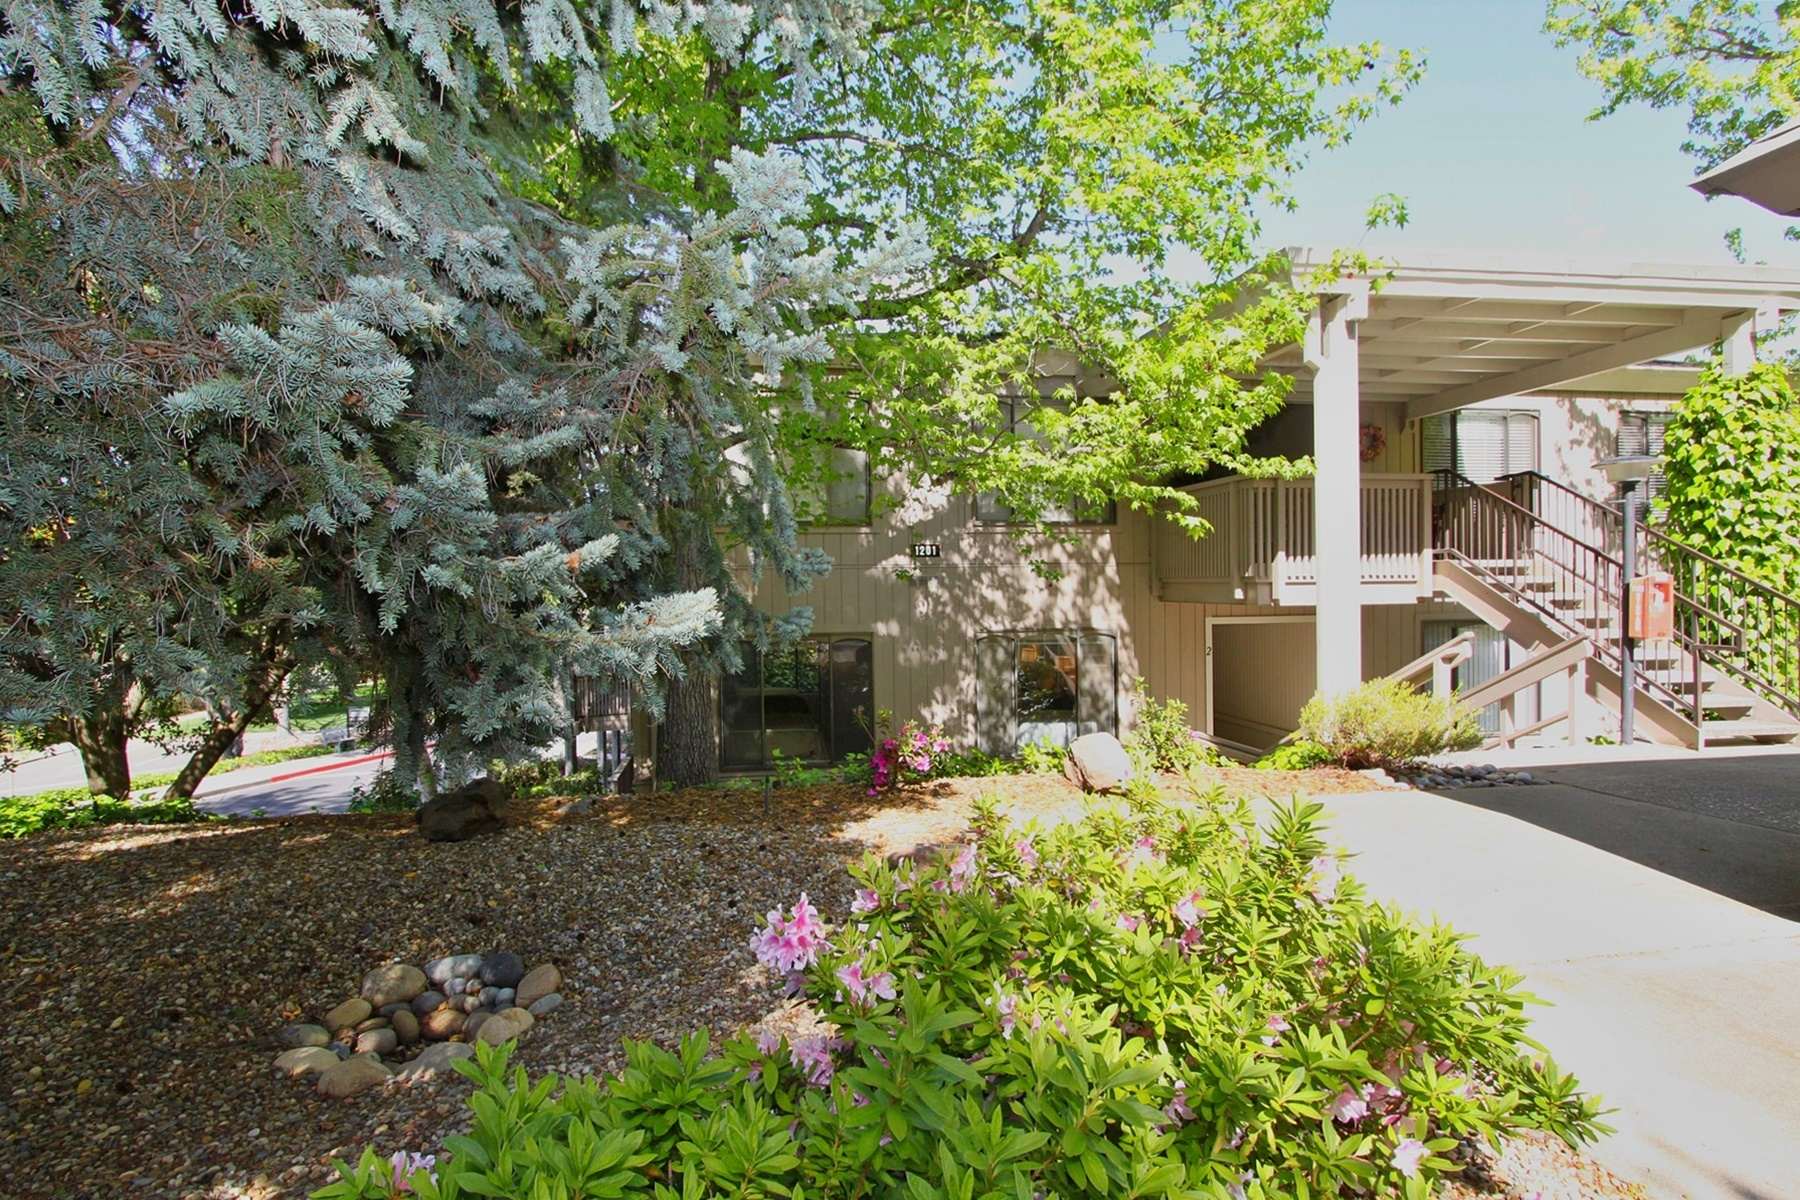 Condominio por un Venta en New Beginnings In Rossmoor 1201 Fairlawn Court #2 Walnut Creek, California 94595 Estados Unidos